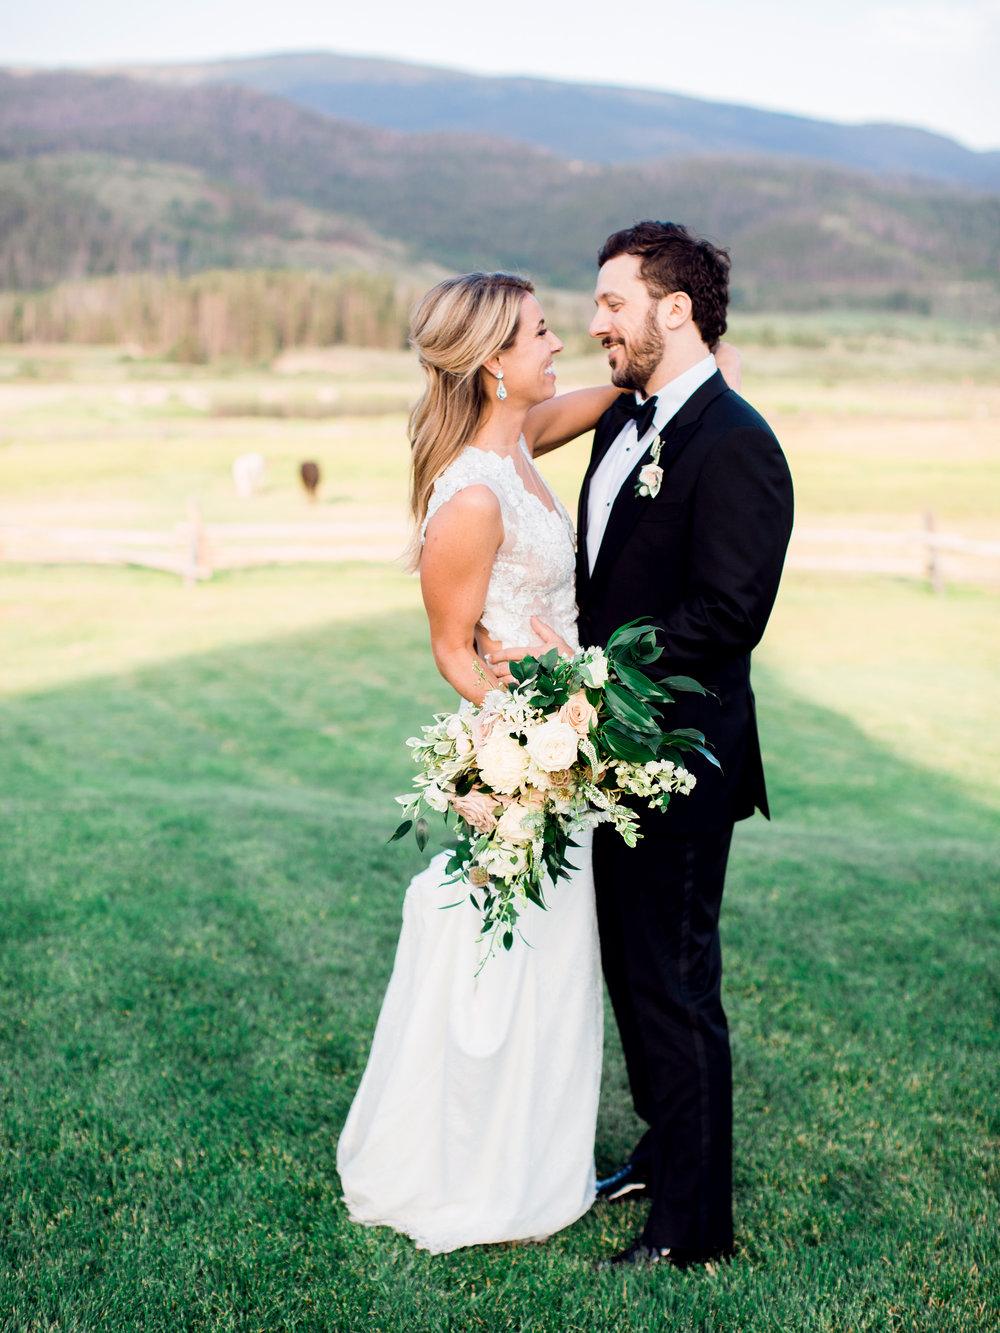 Tara_Bielecki_Photography_Brooke_Bryan_Wedding_494.jpg